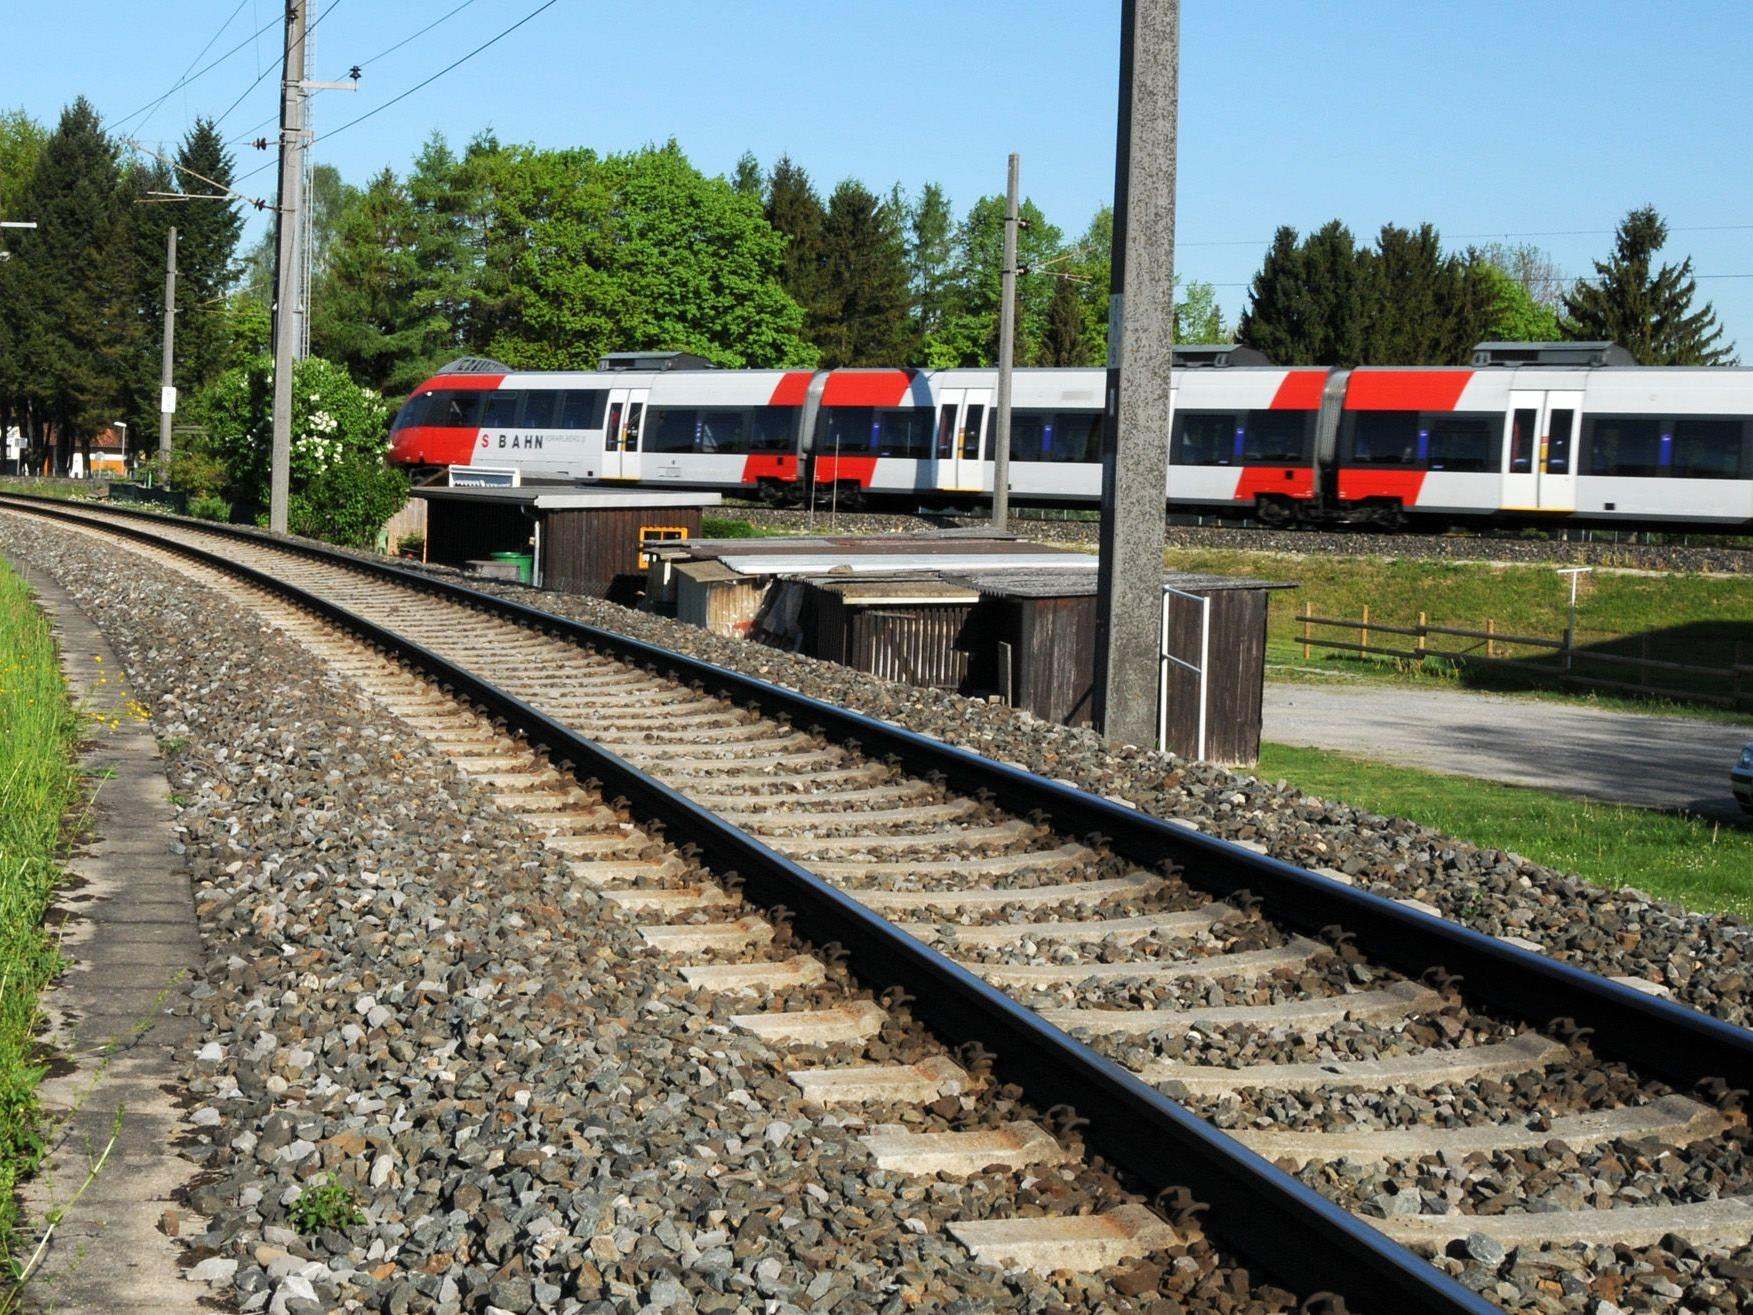 Im Hintergrund die S-Bahn aus Richtung Bregenz nach Hard, das Gleis vorne ist meist ungenutzt.